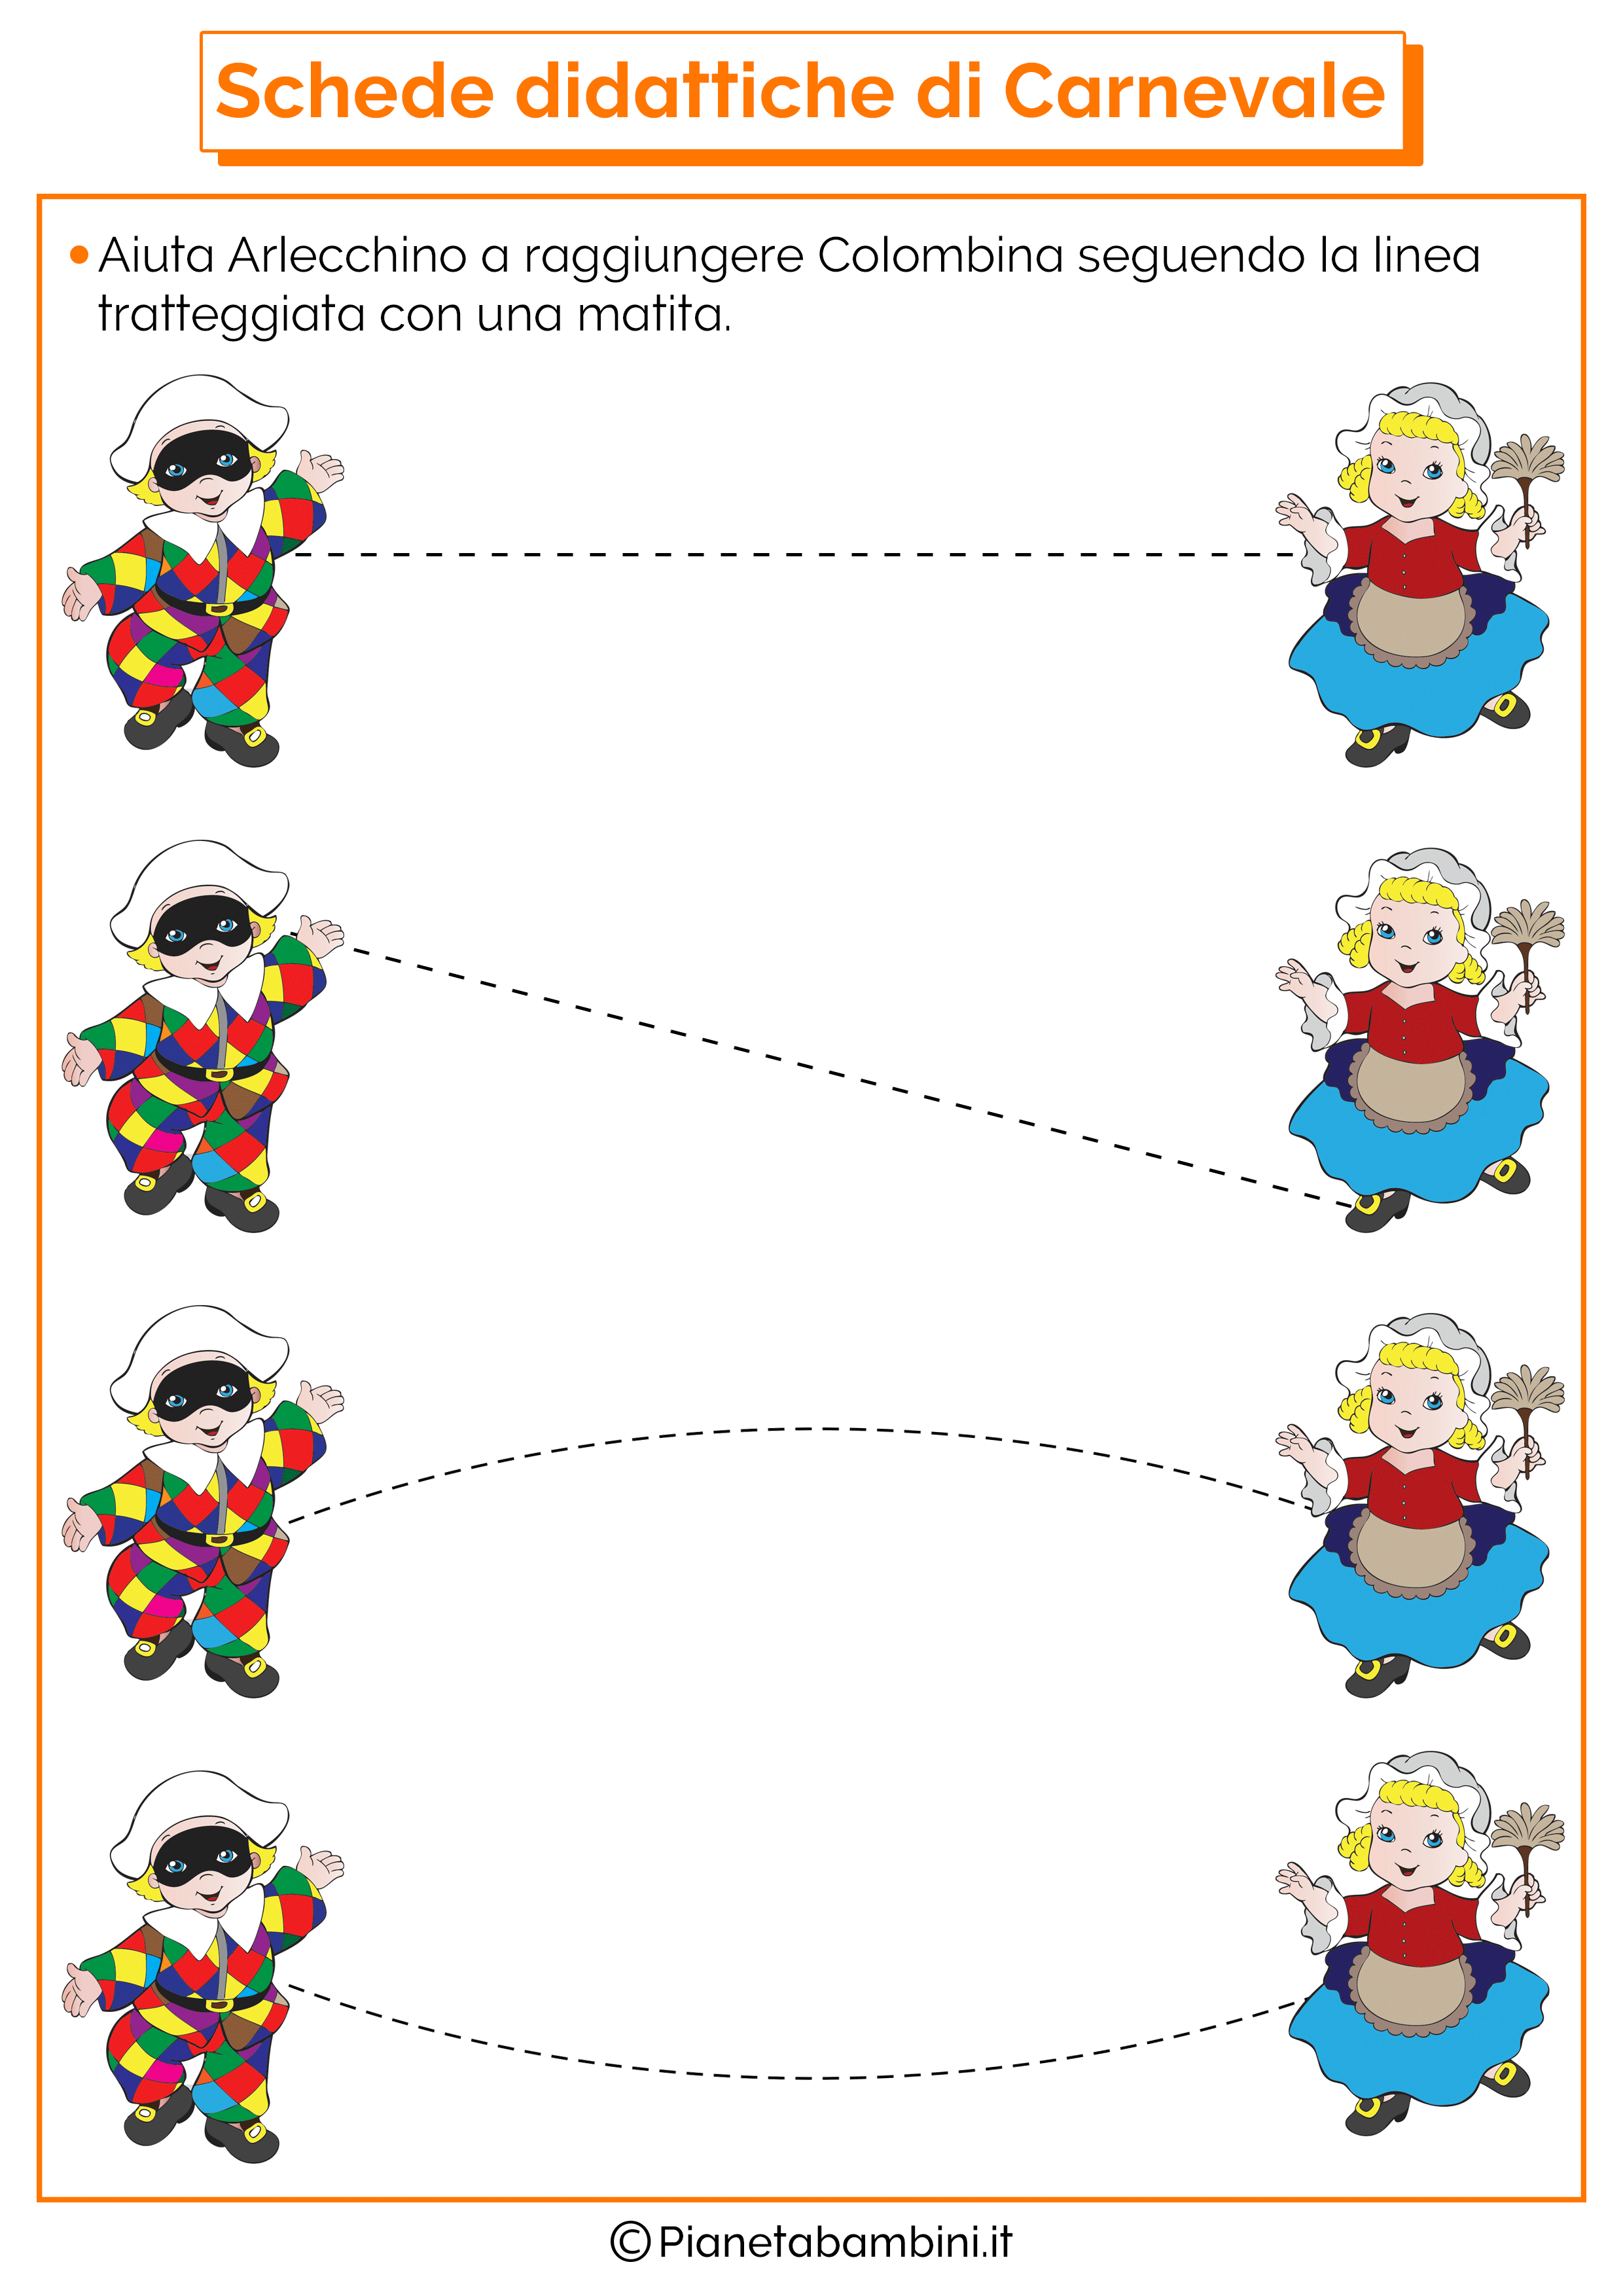 Schede didattiche di carnevale per la scuola dell infanzia